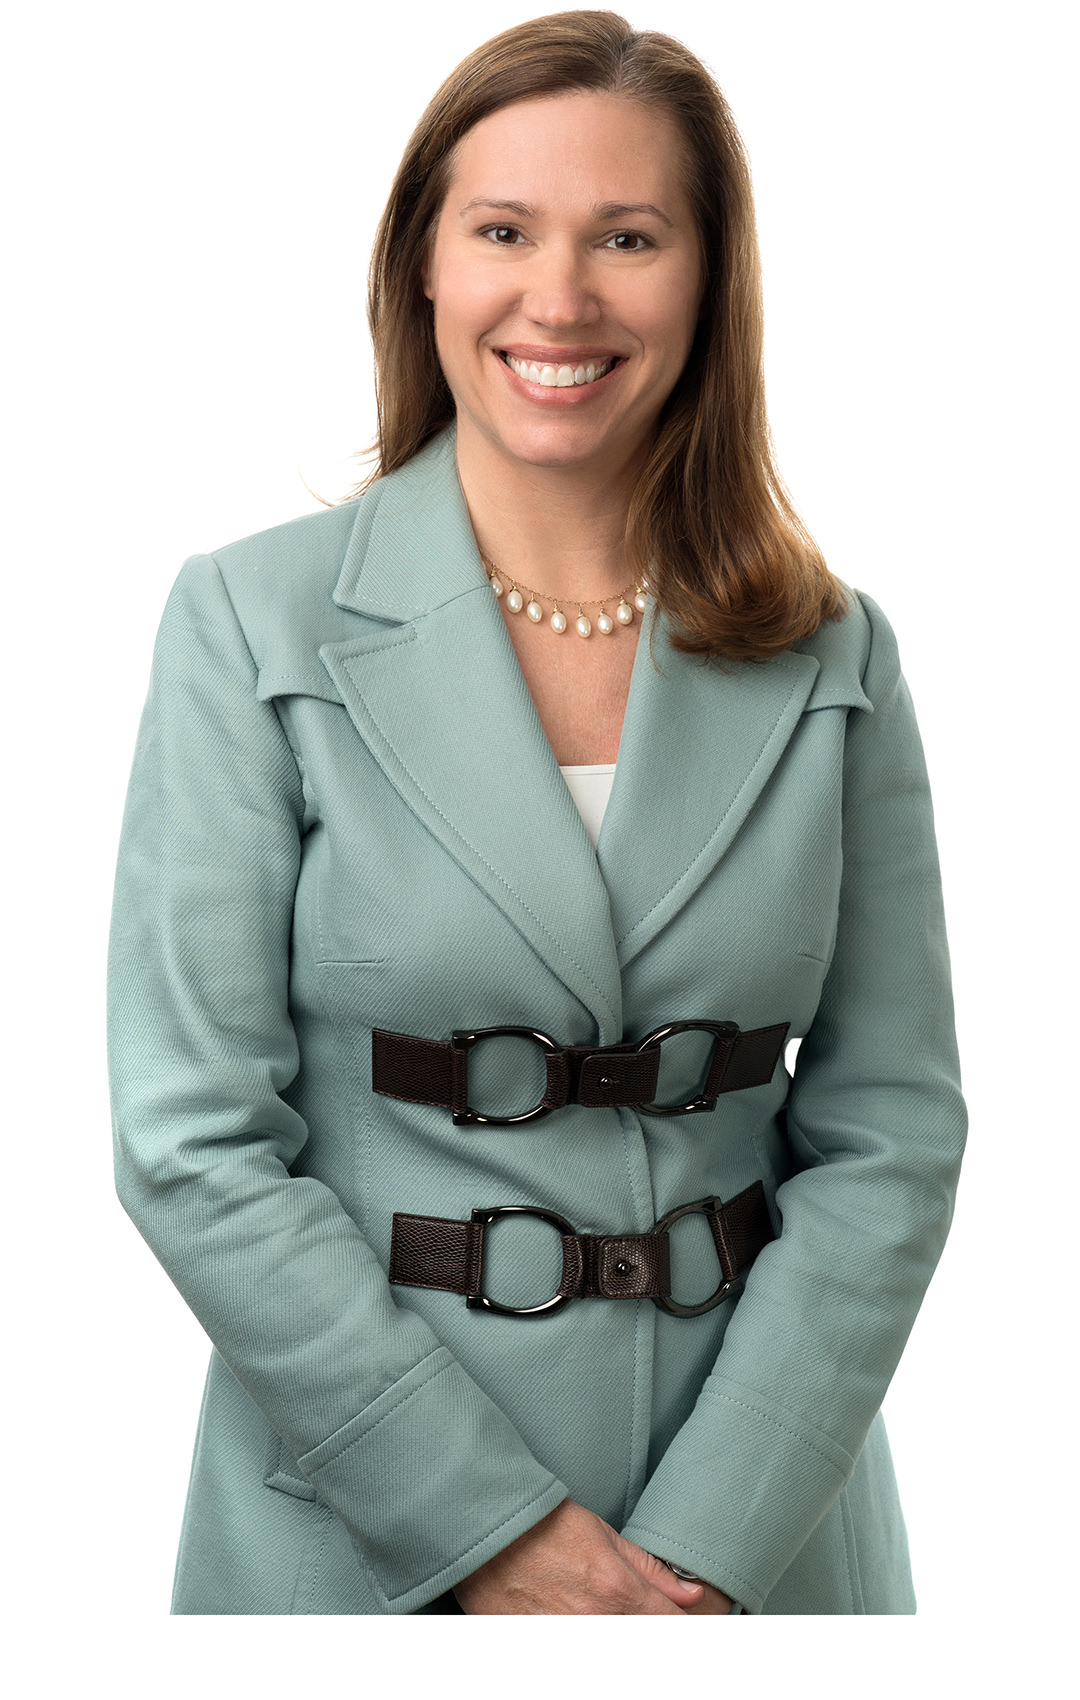 Jennifer A. Jordan